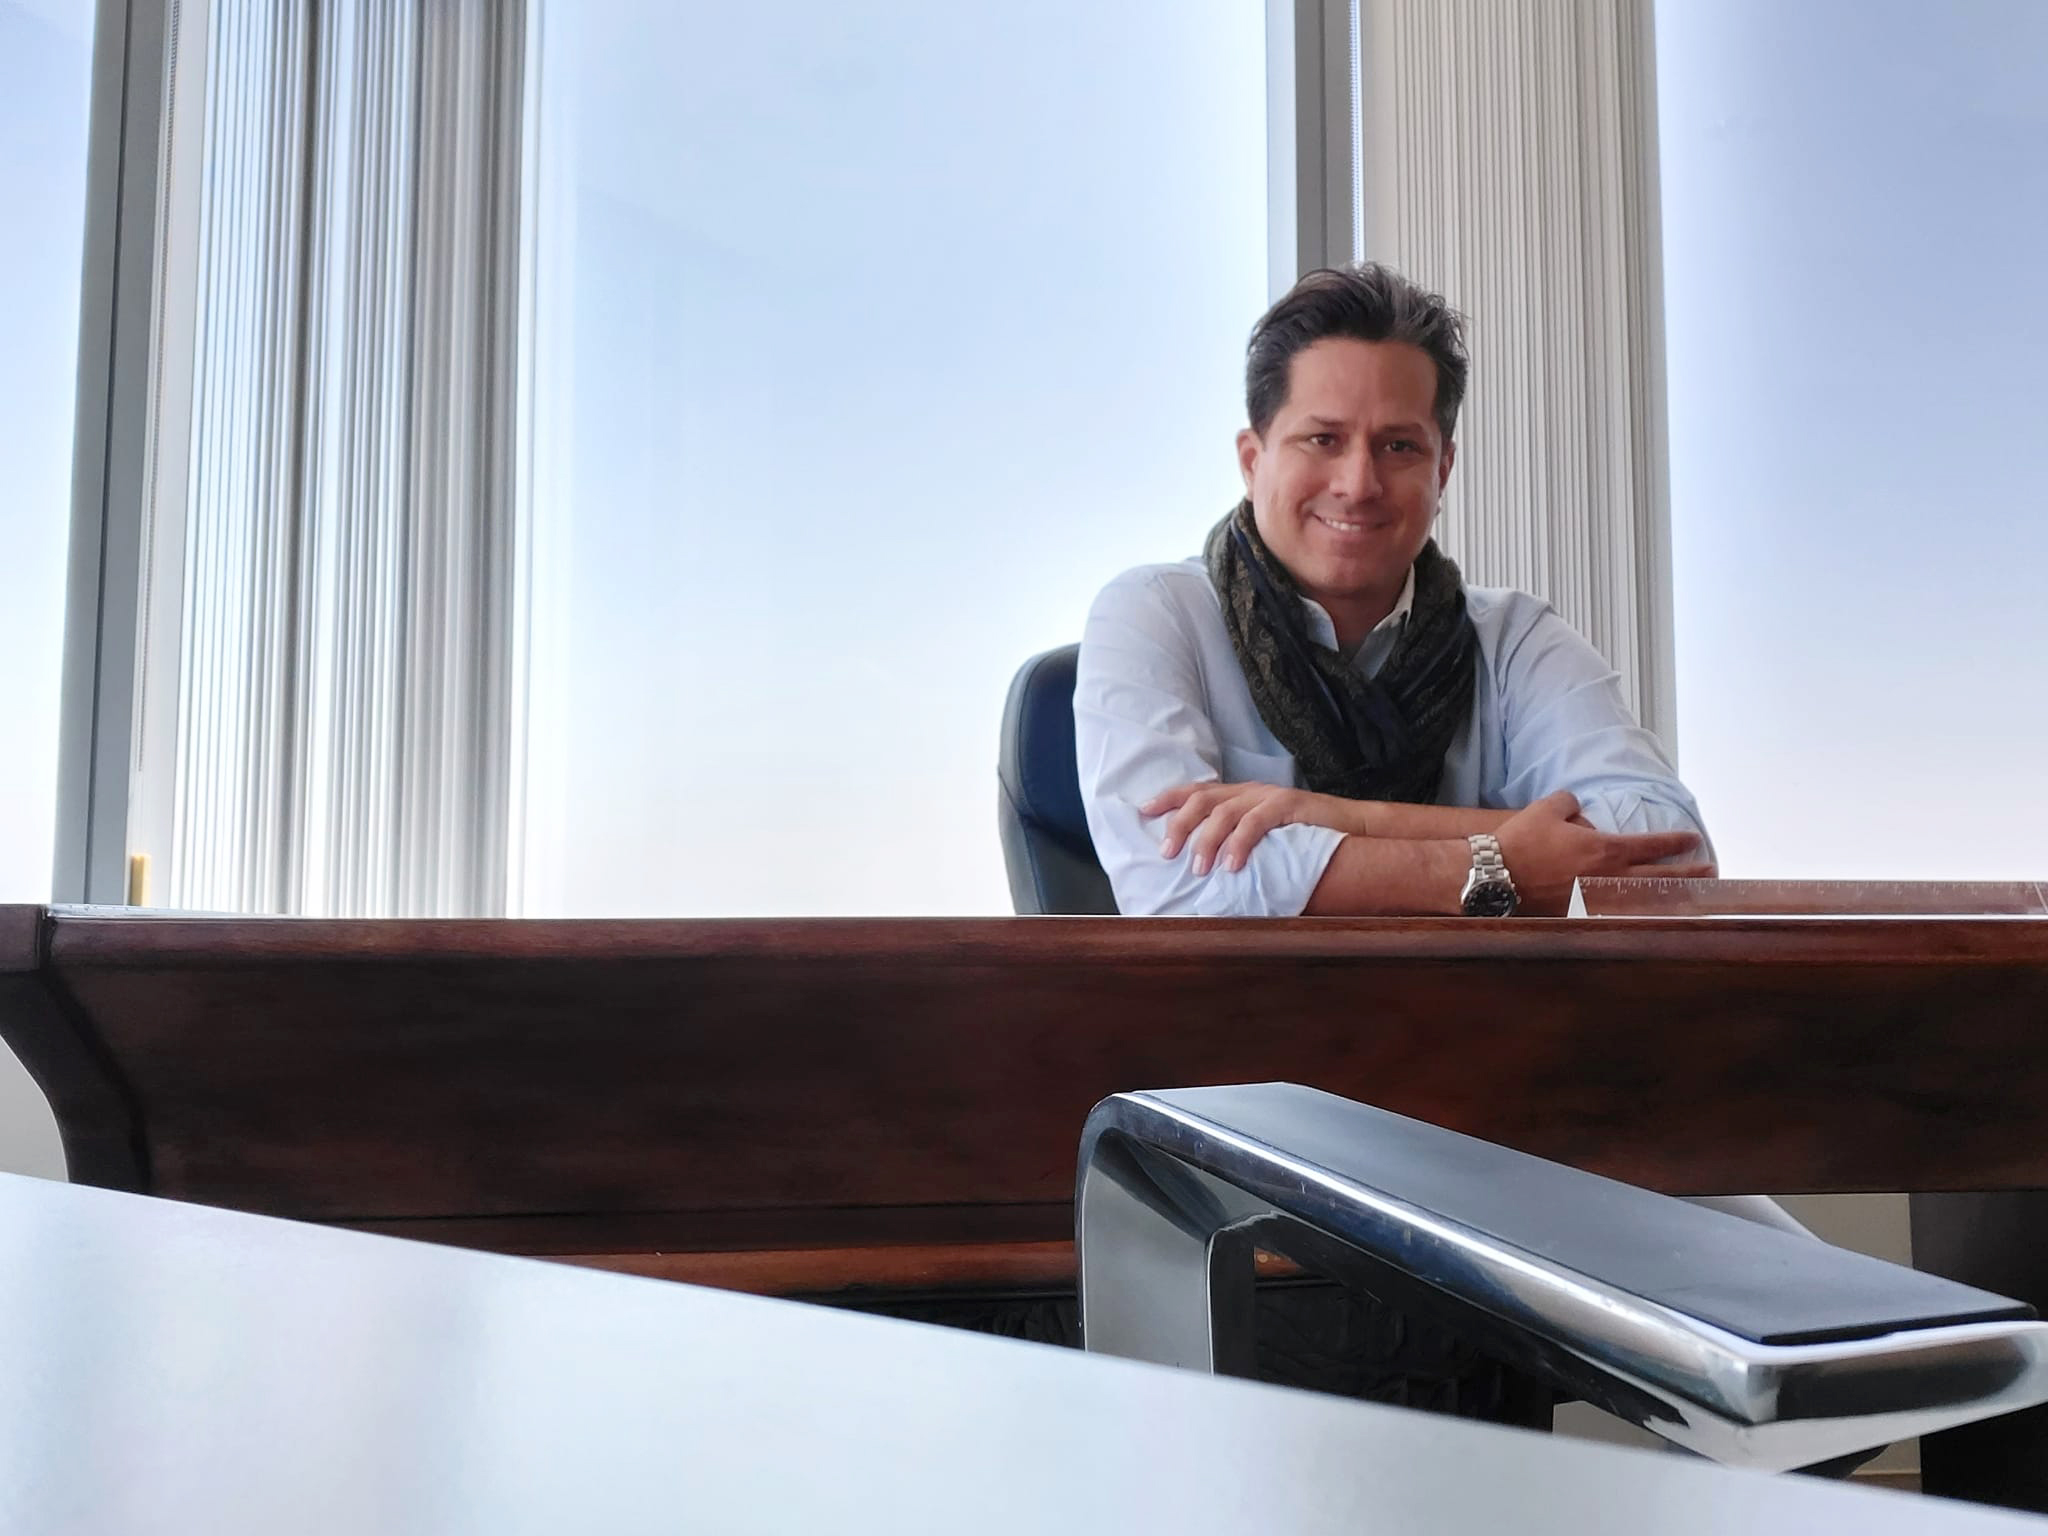 Aprender del éxito: la defensa de Family Office por Marco Antonio Soriano IV